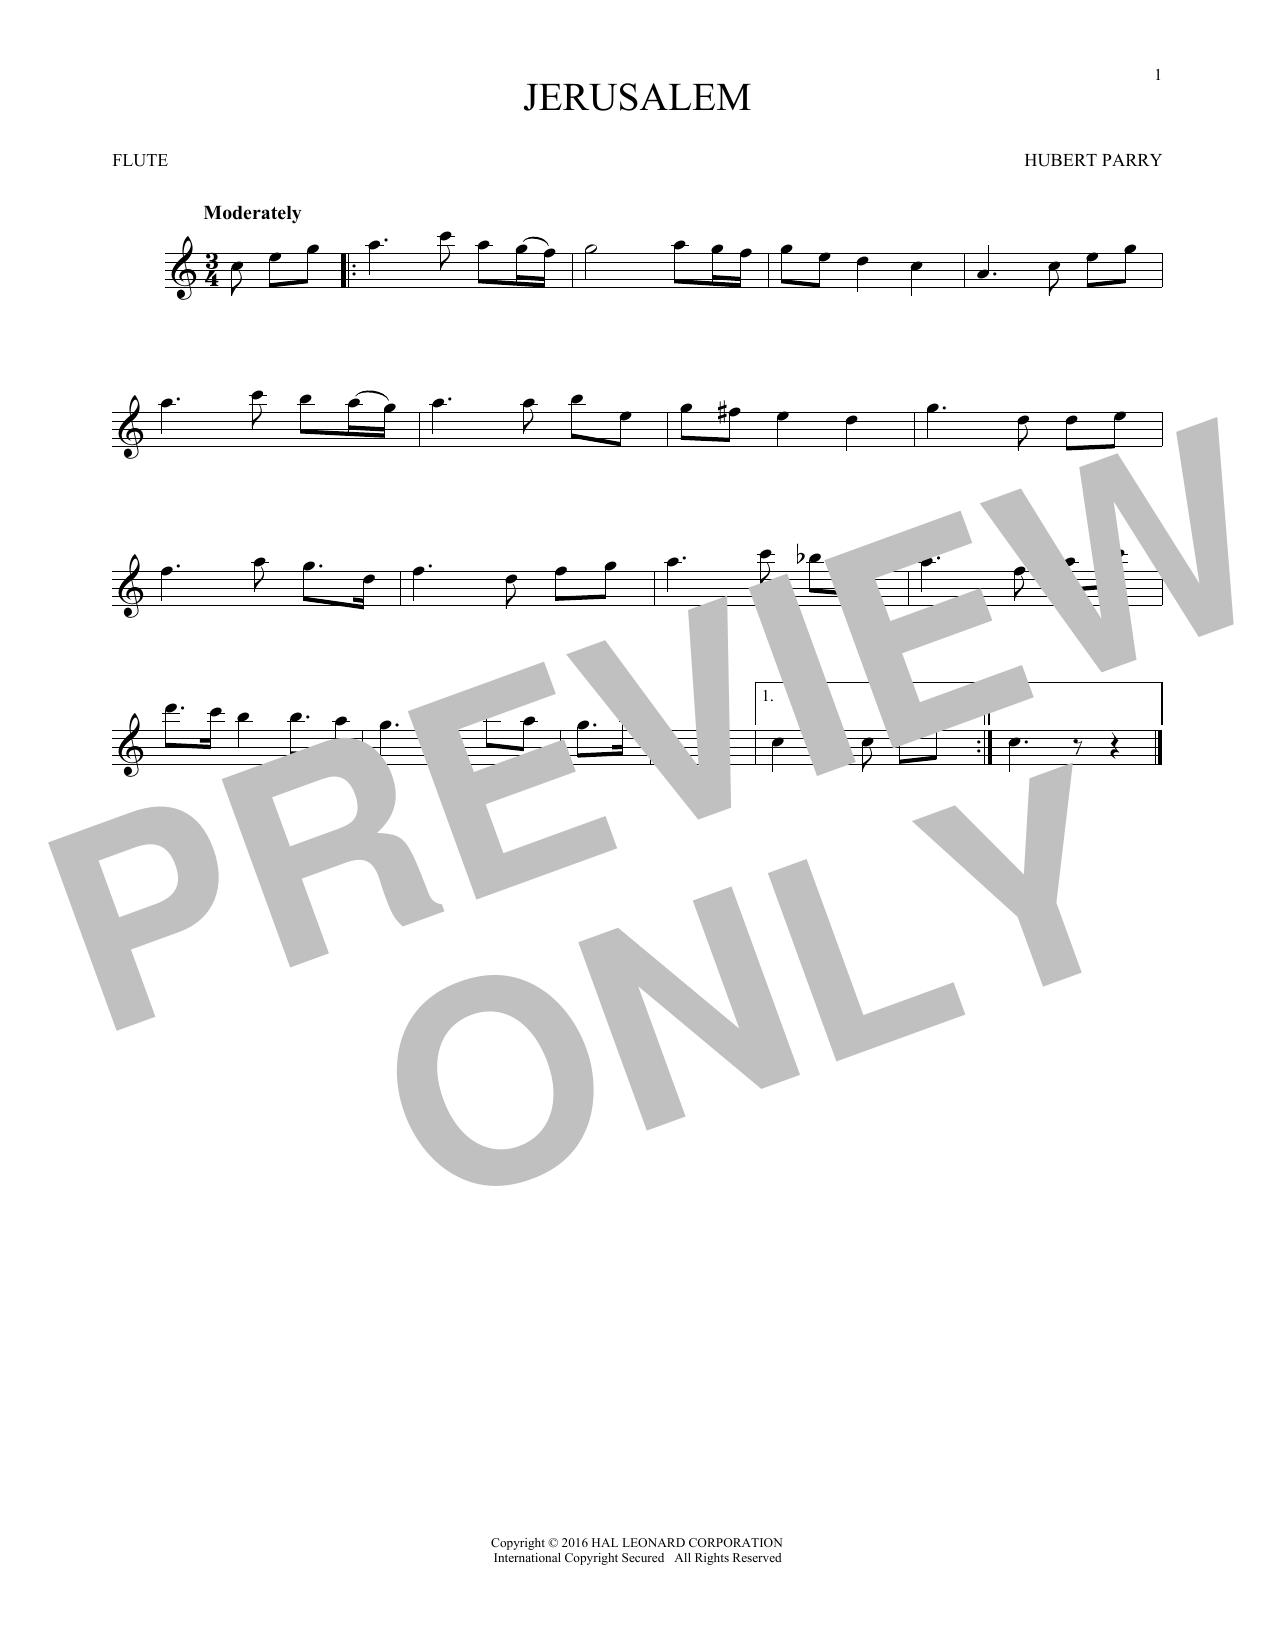 Jerusalem (Flute Solo)